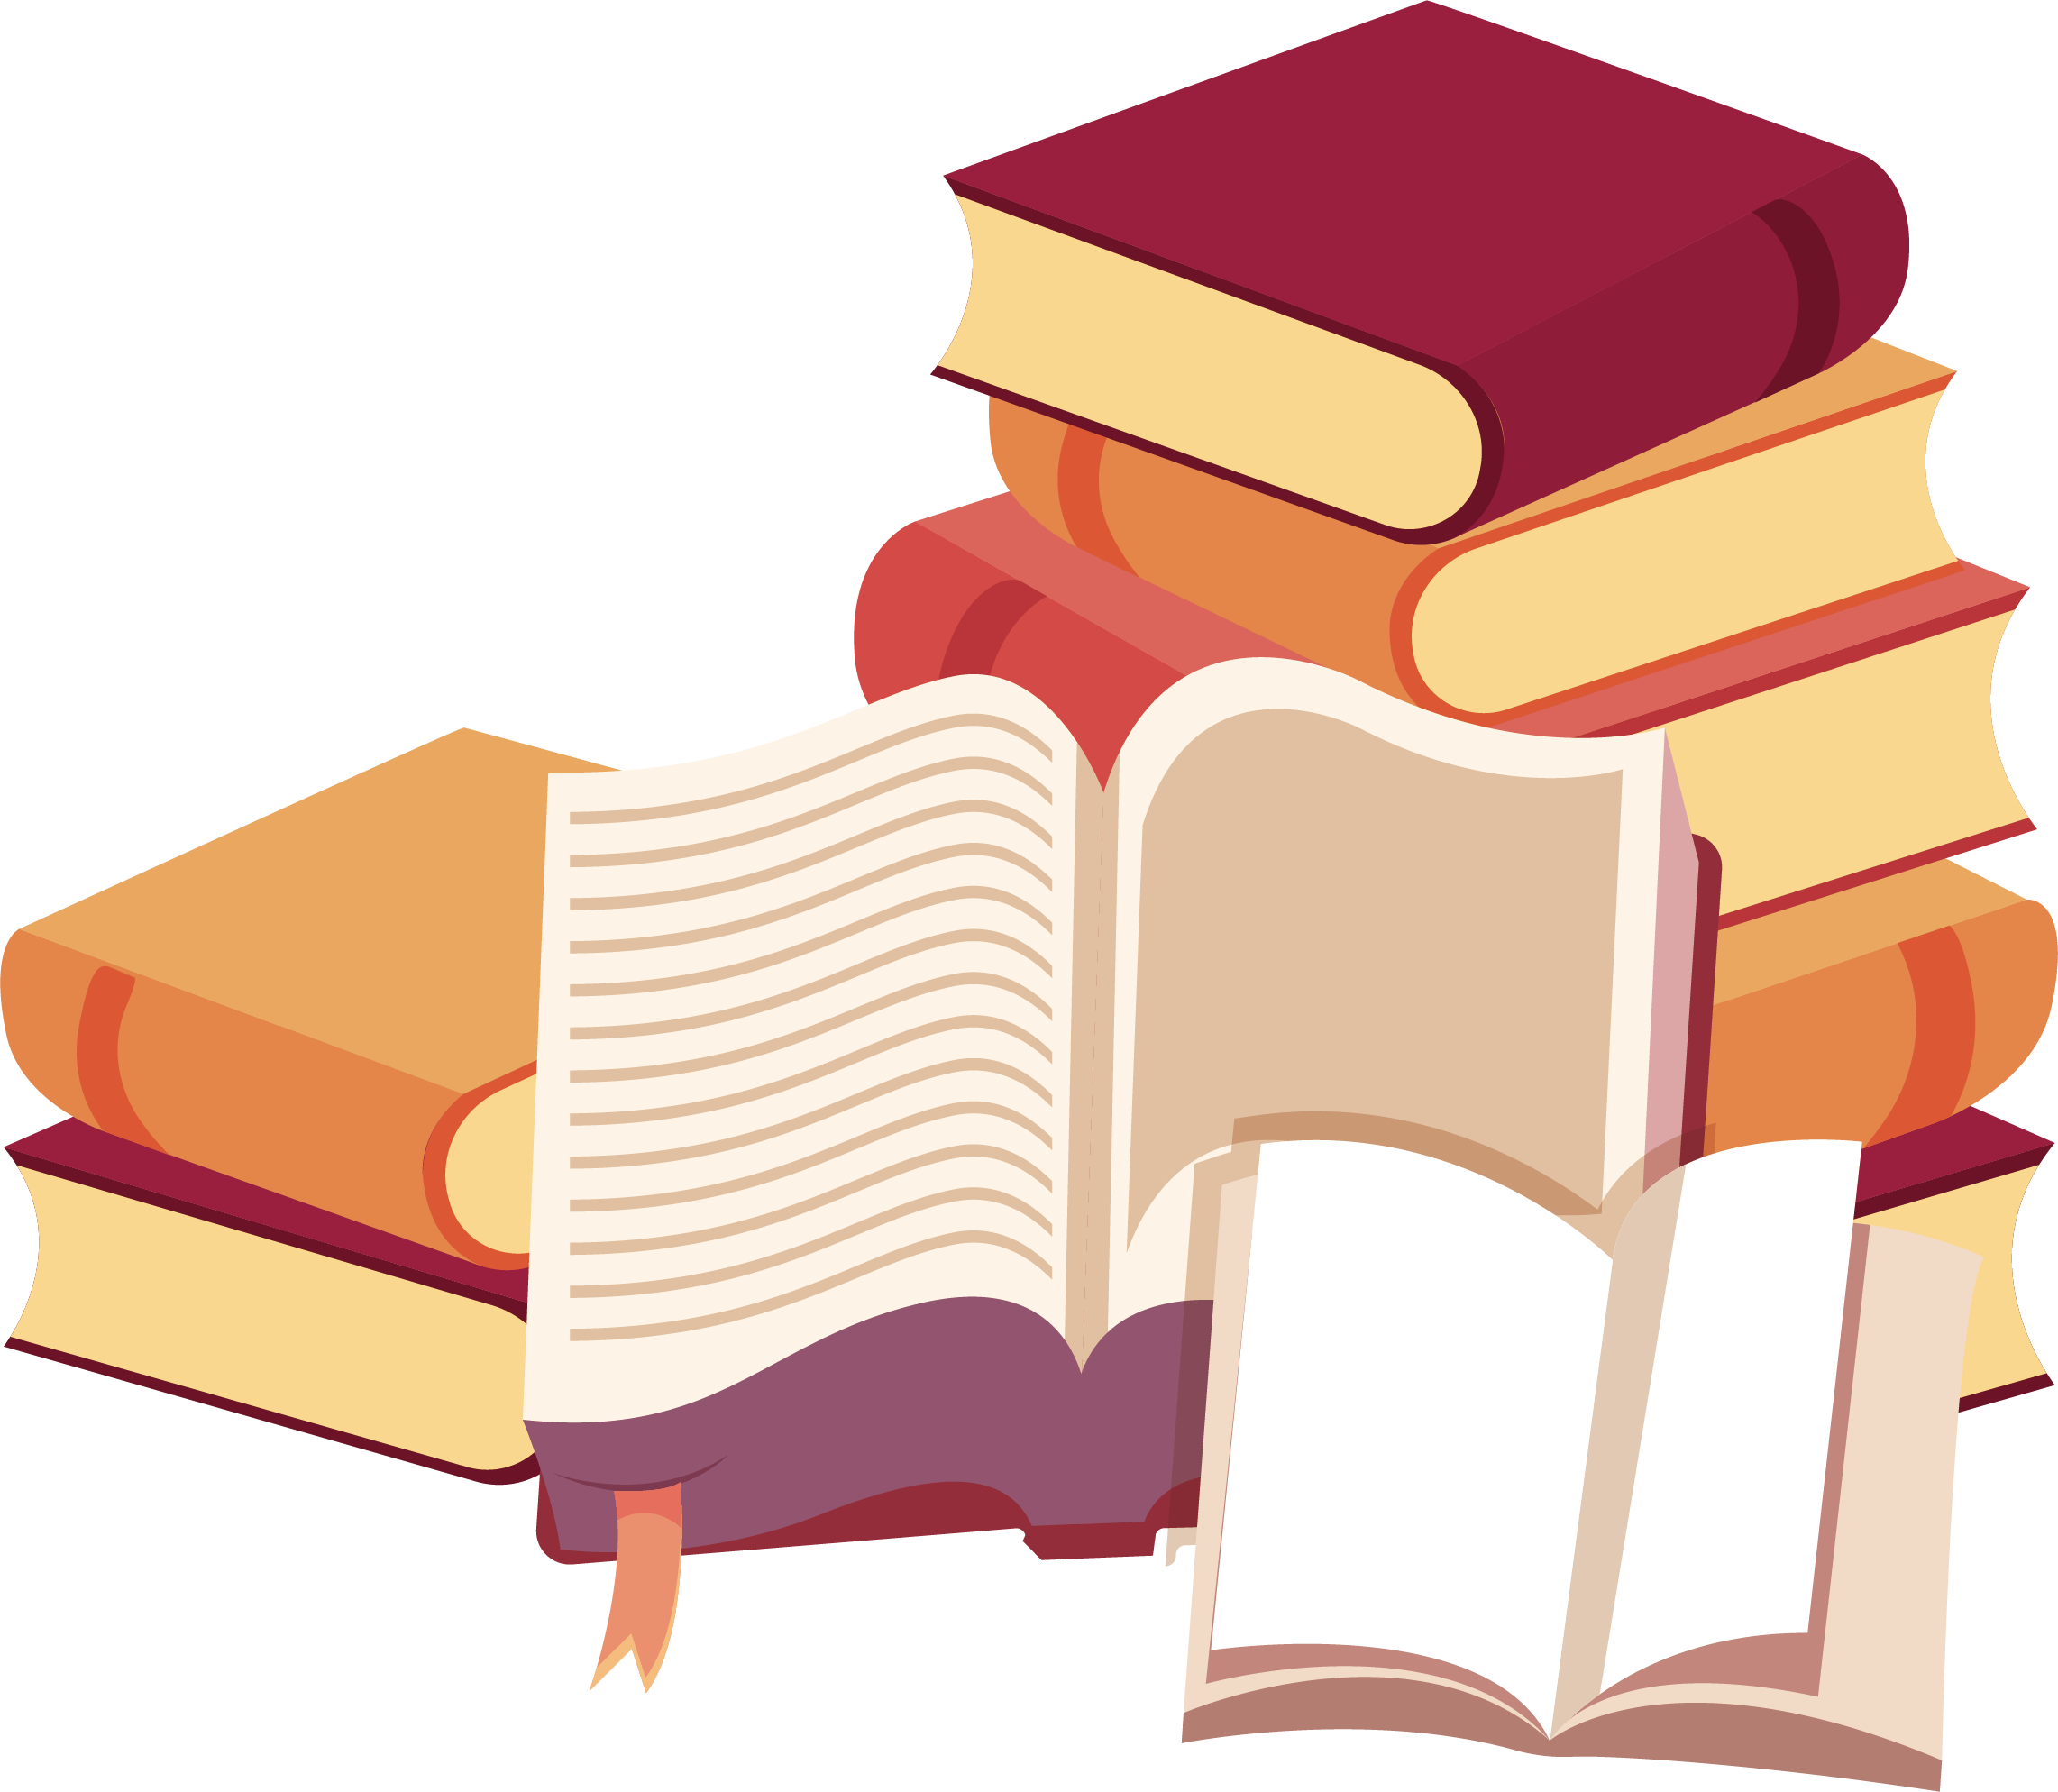 Книги картинка пнг